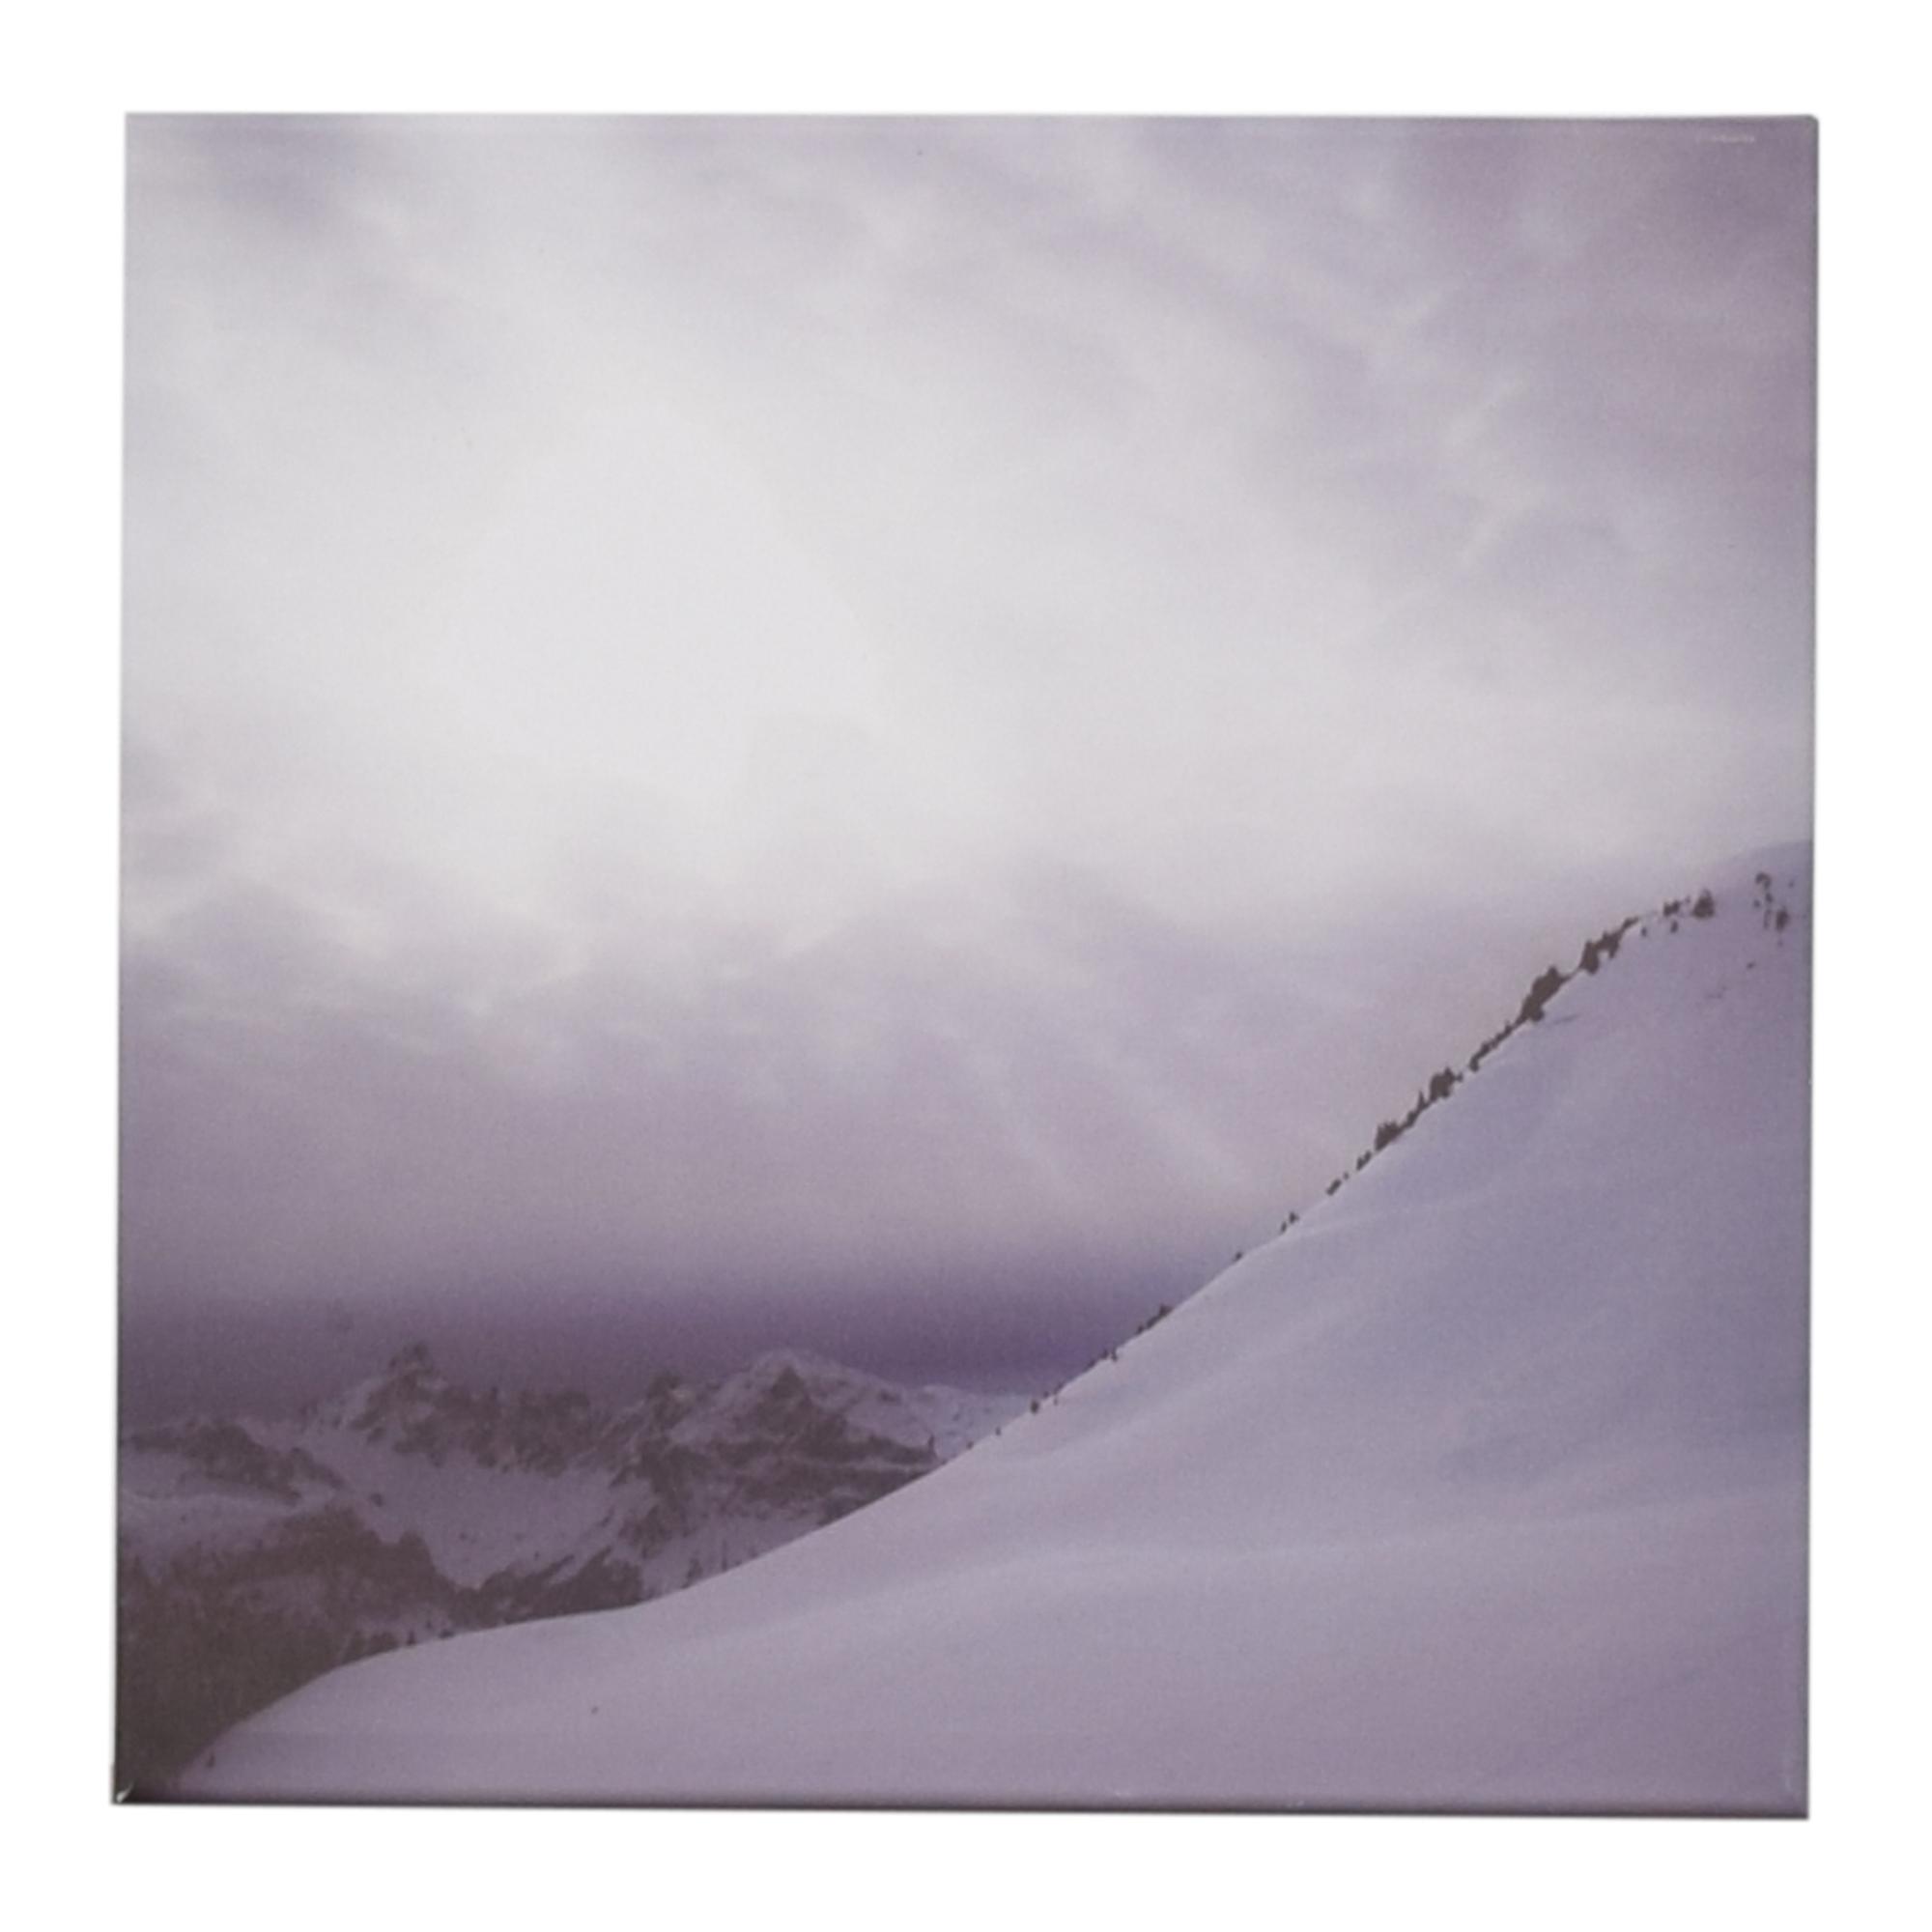 Snowy Mountain Wall Art on sale